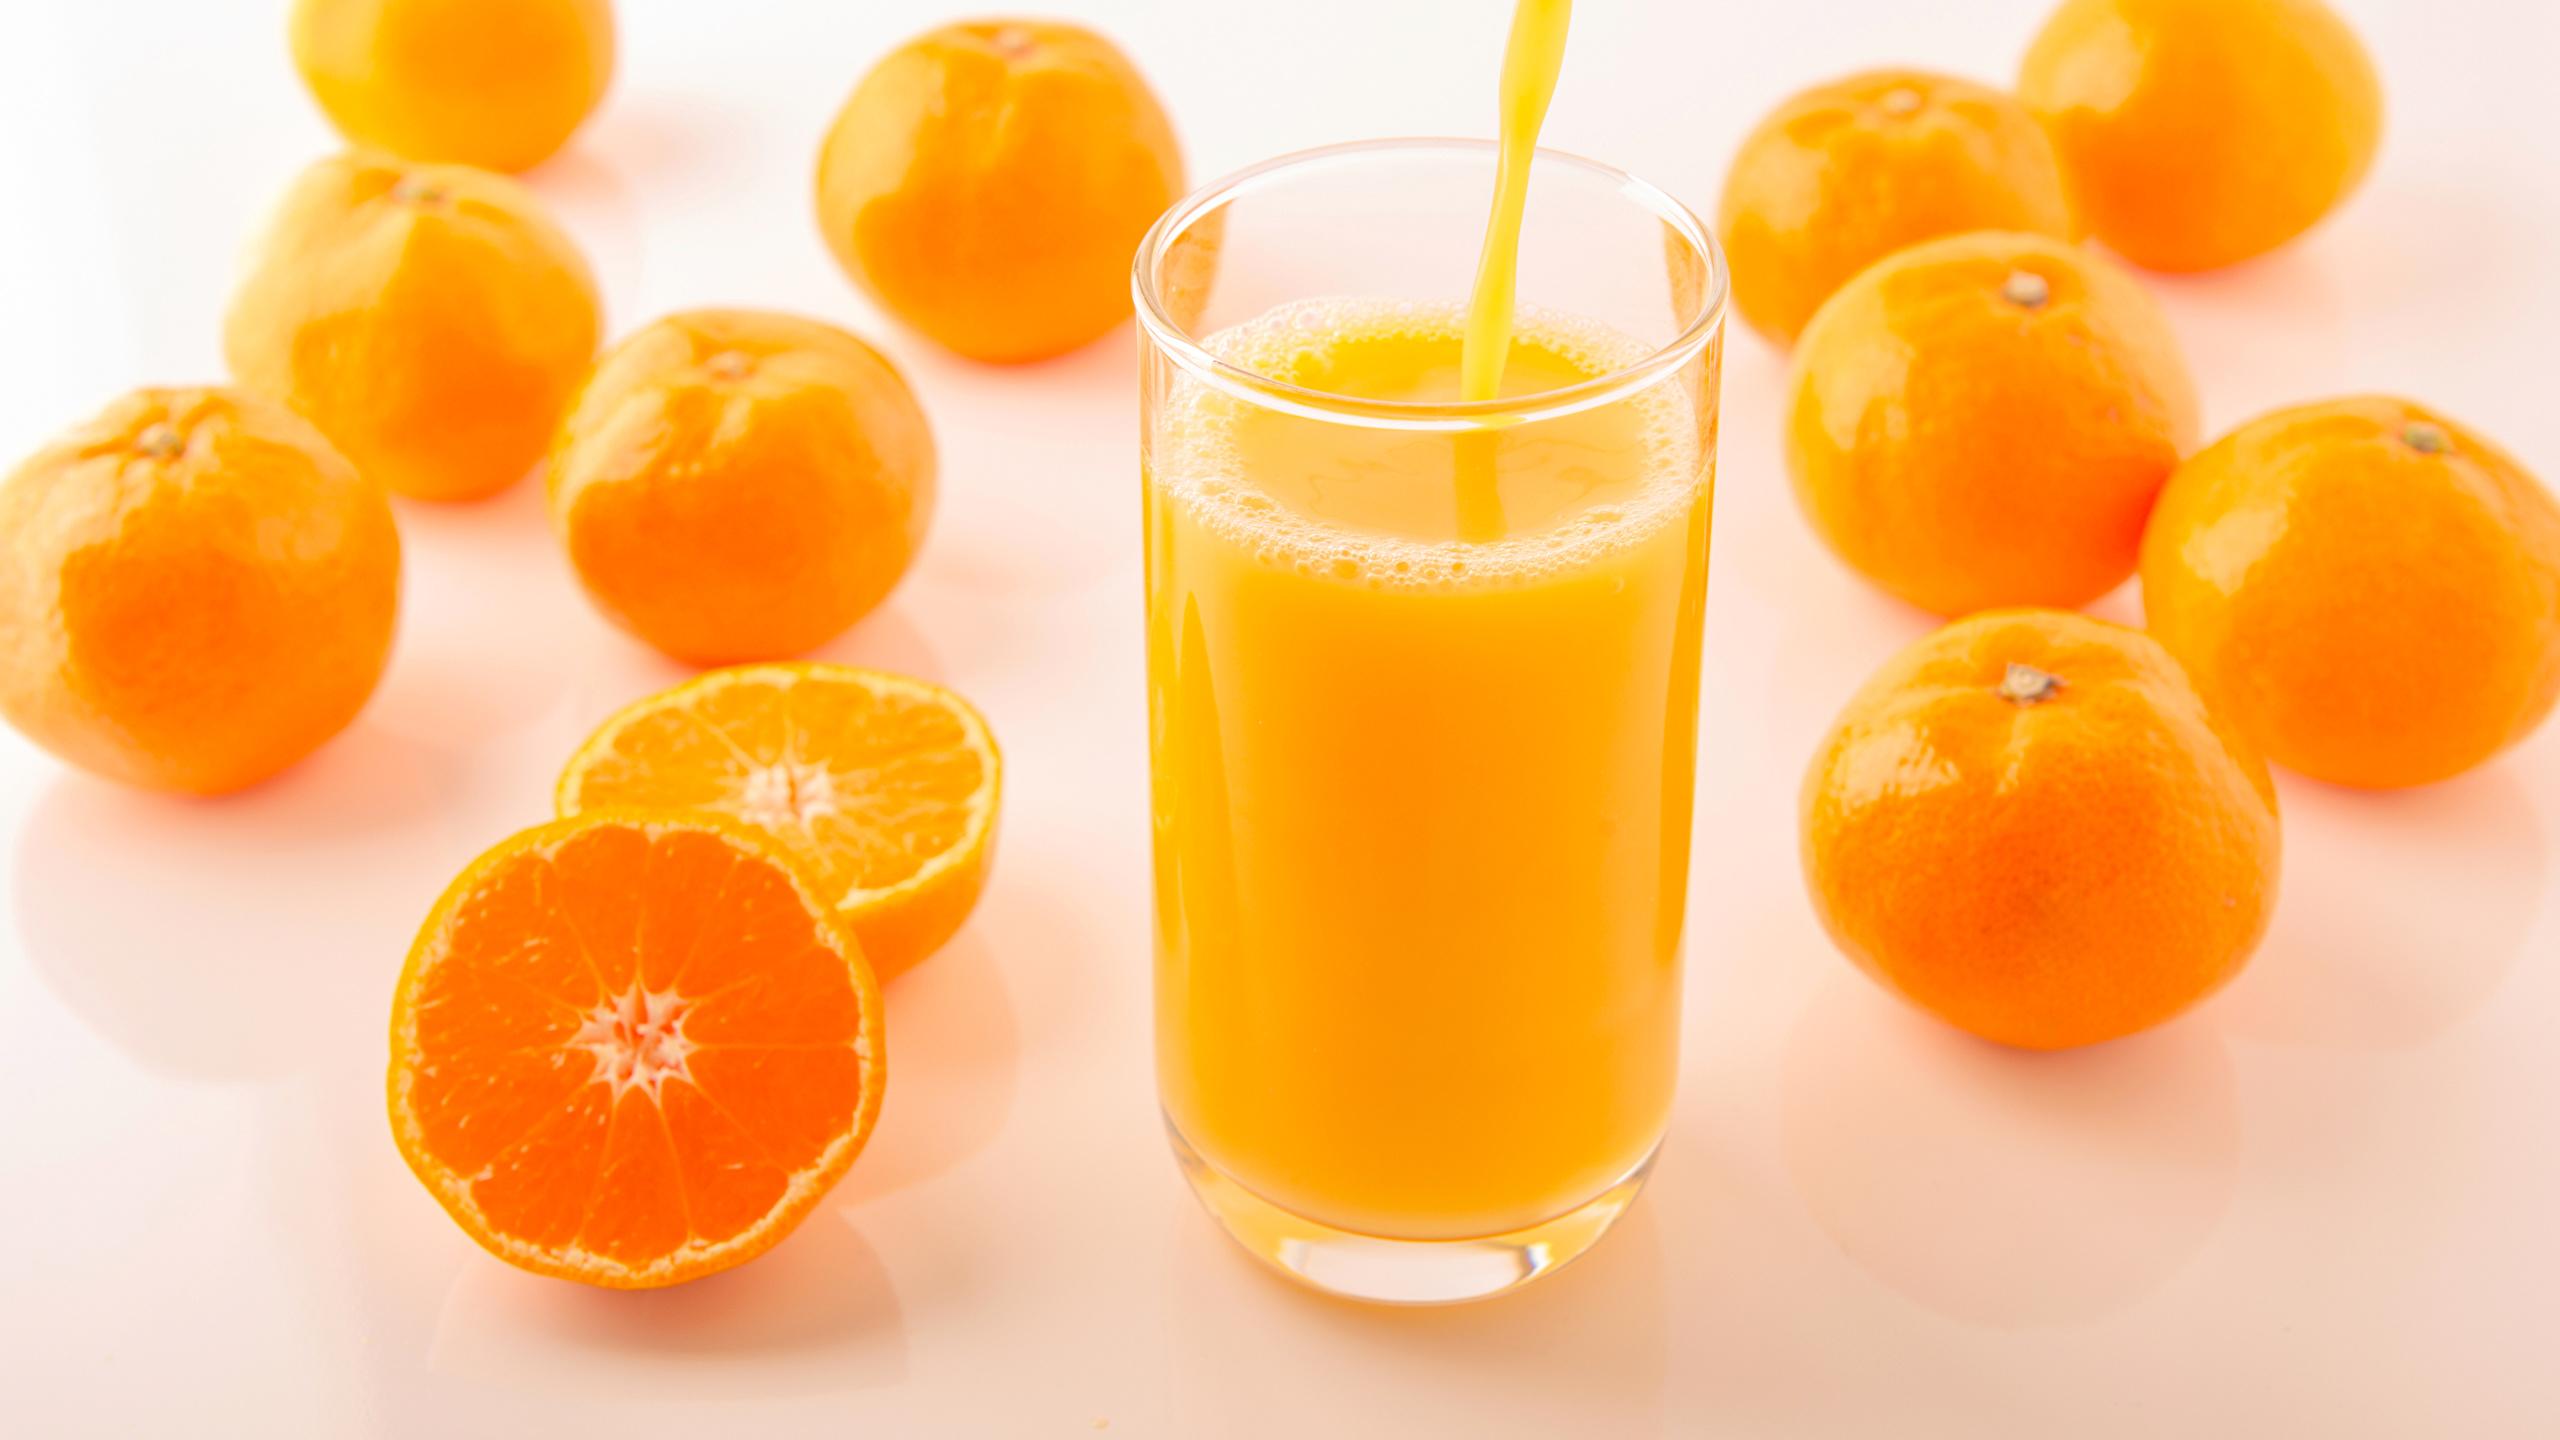 Обои для рабочего стола Сок Мандарины Стакан Еда 2560x1440 стакана стакане Пища Продукты питания